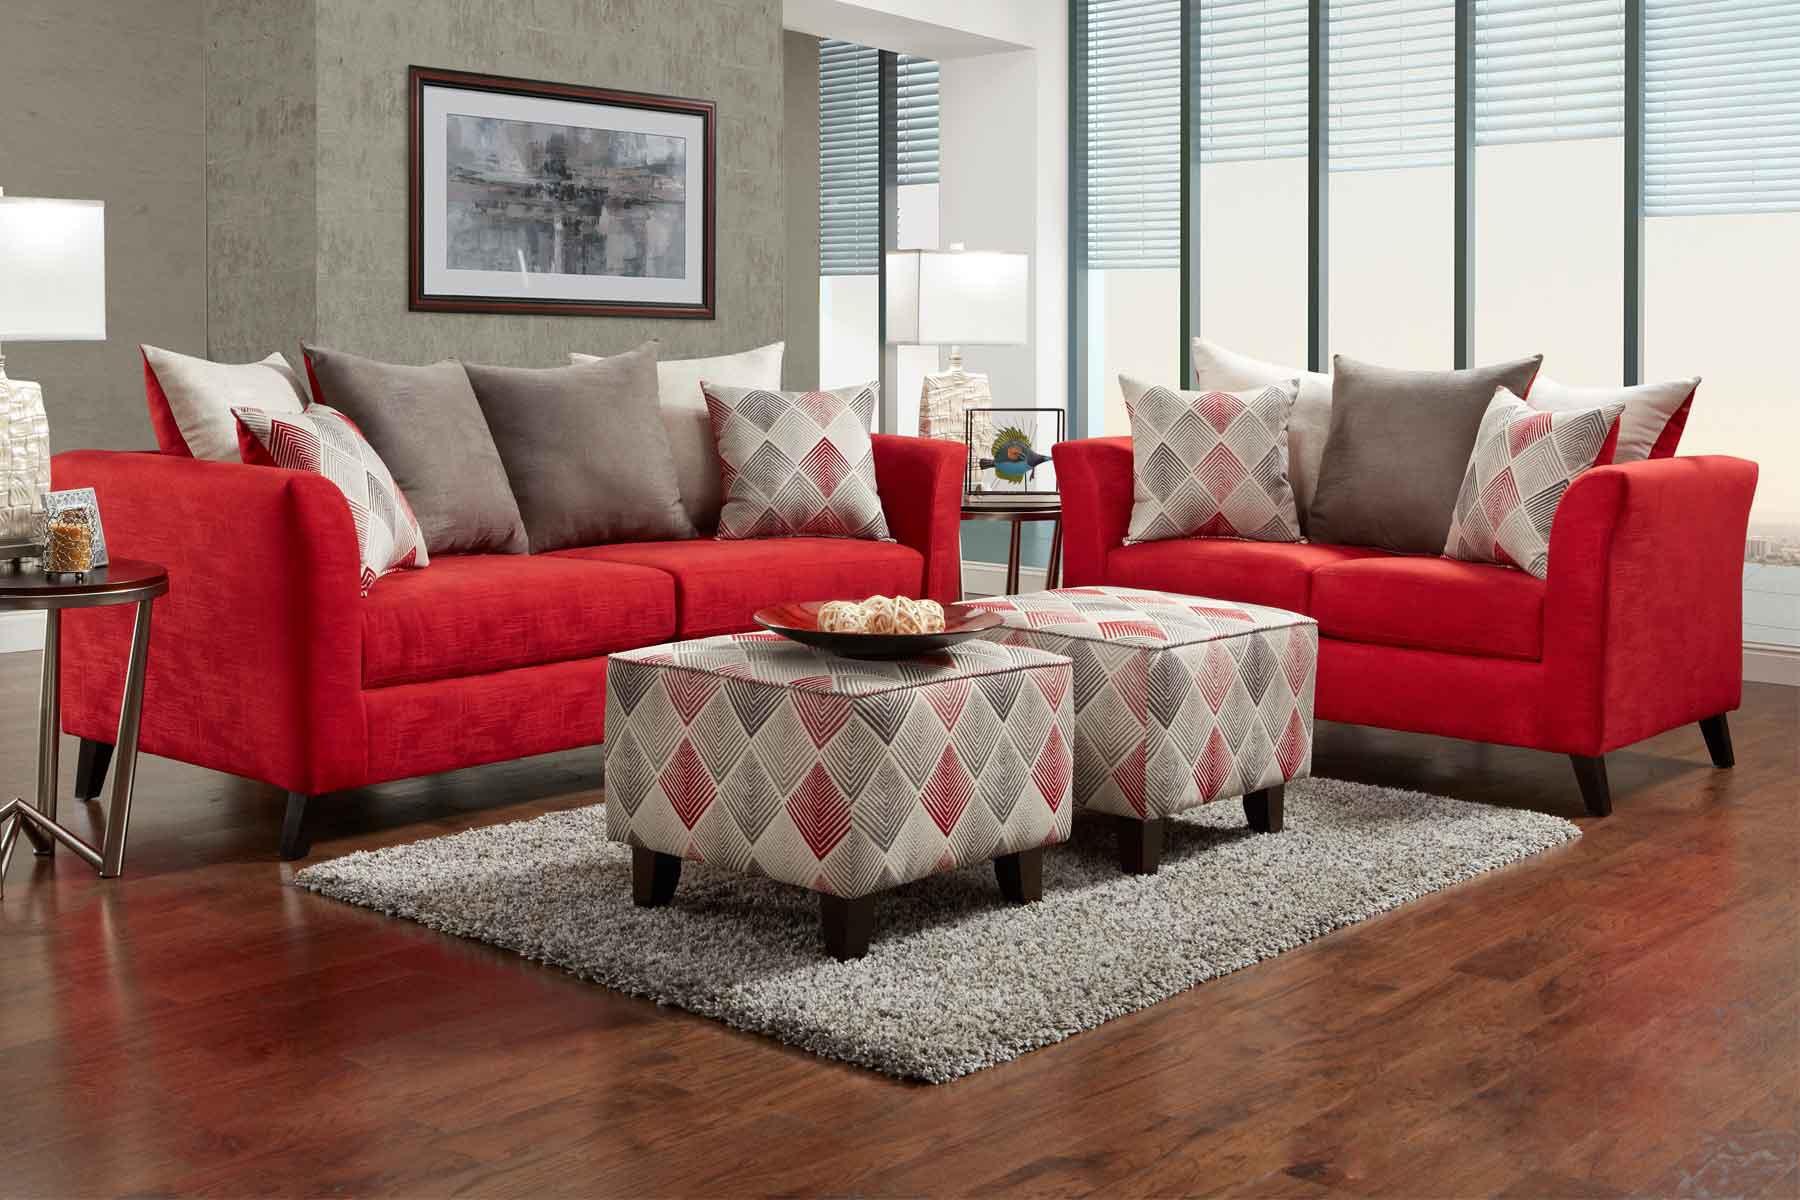 Sof 225 Vermelho Na Sala De Estar Casa Coisas E Tal